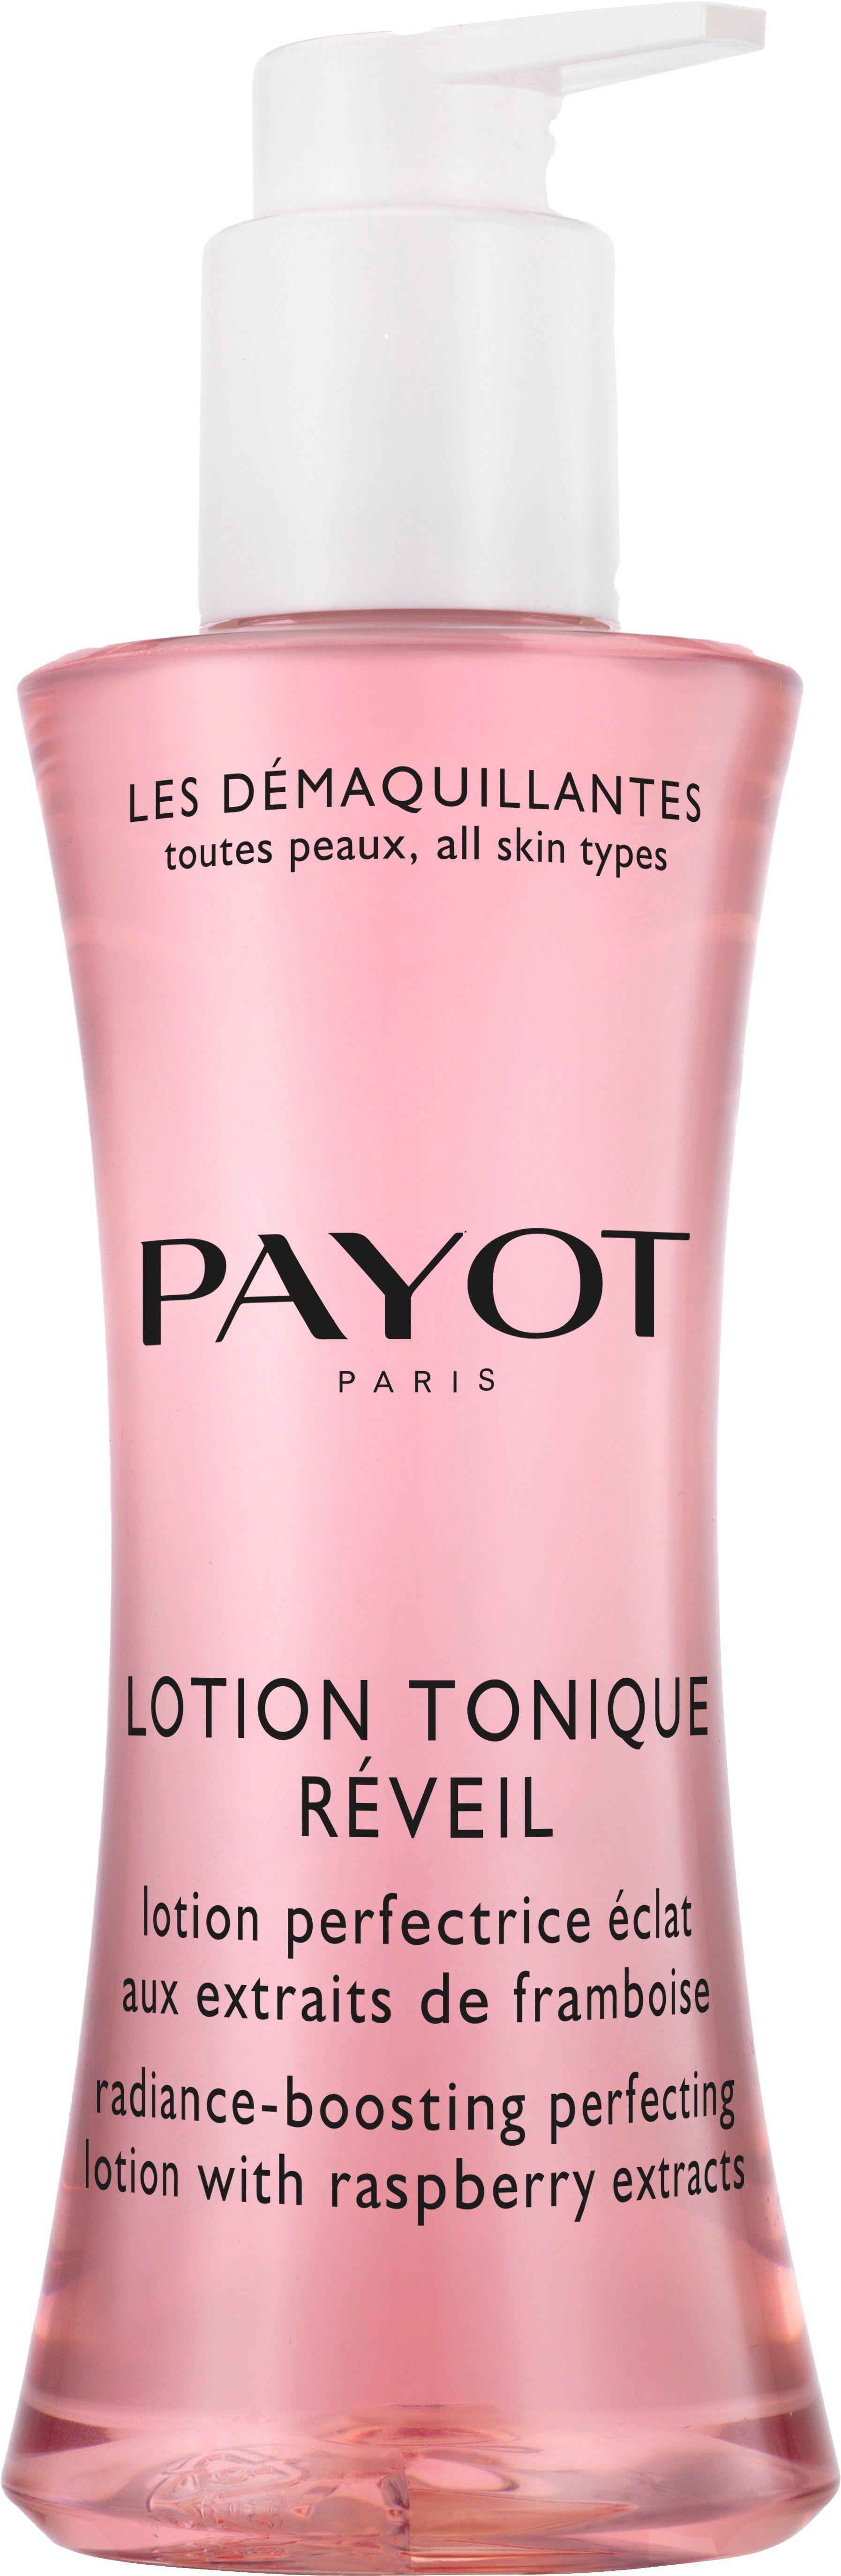 Lotion_tonique_réveil_HD_PNG